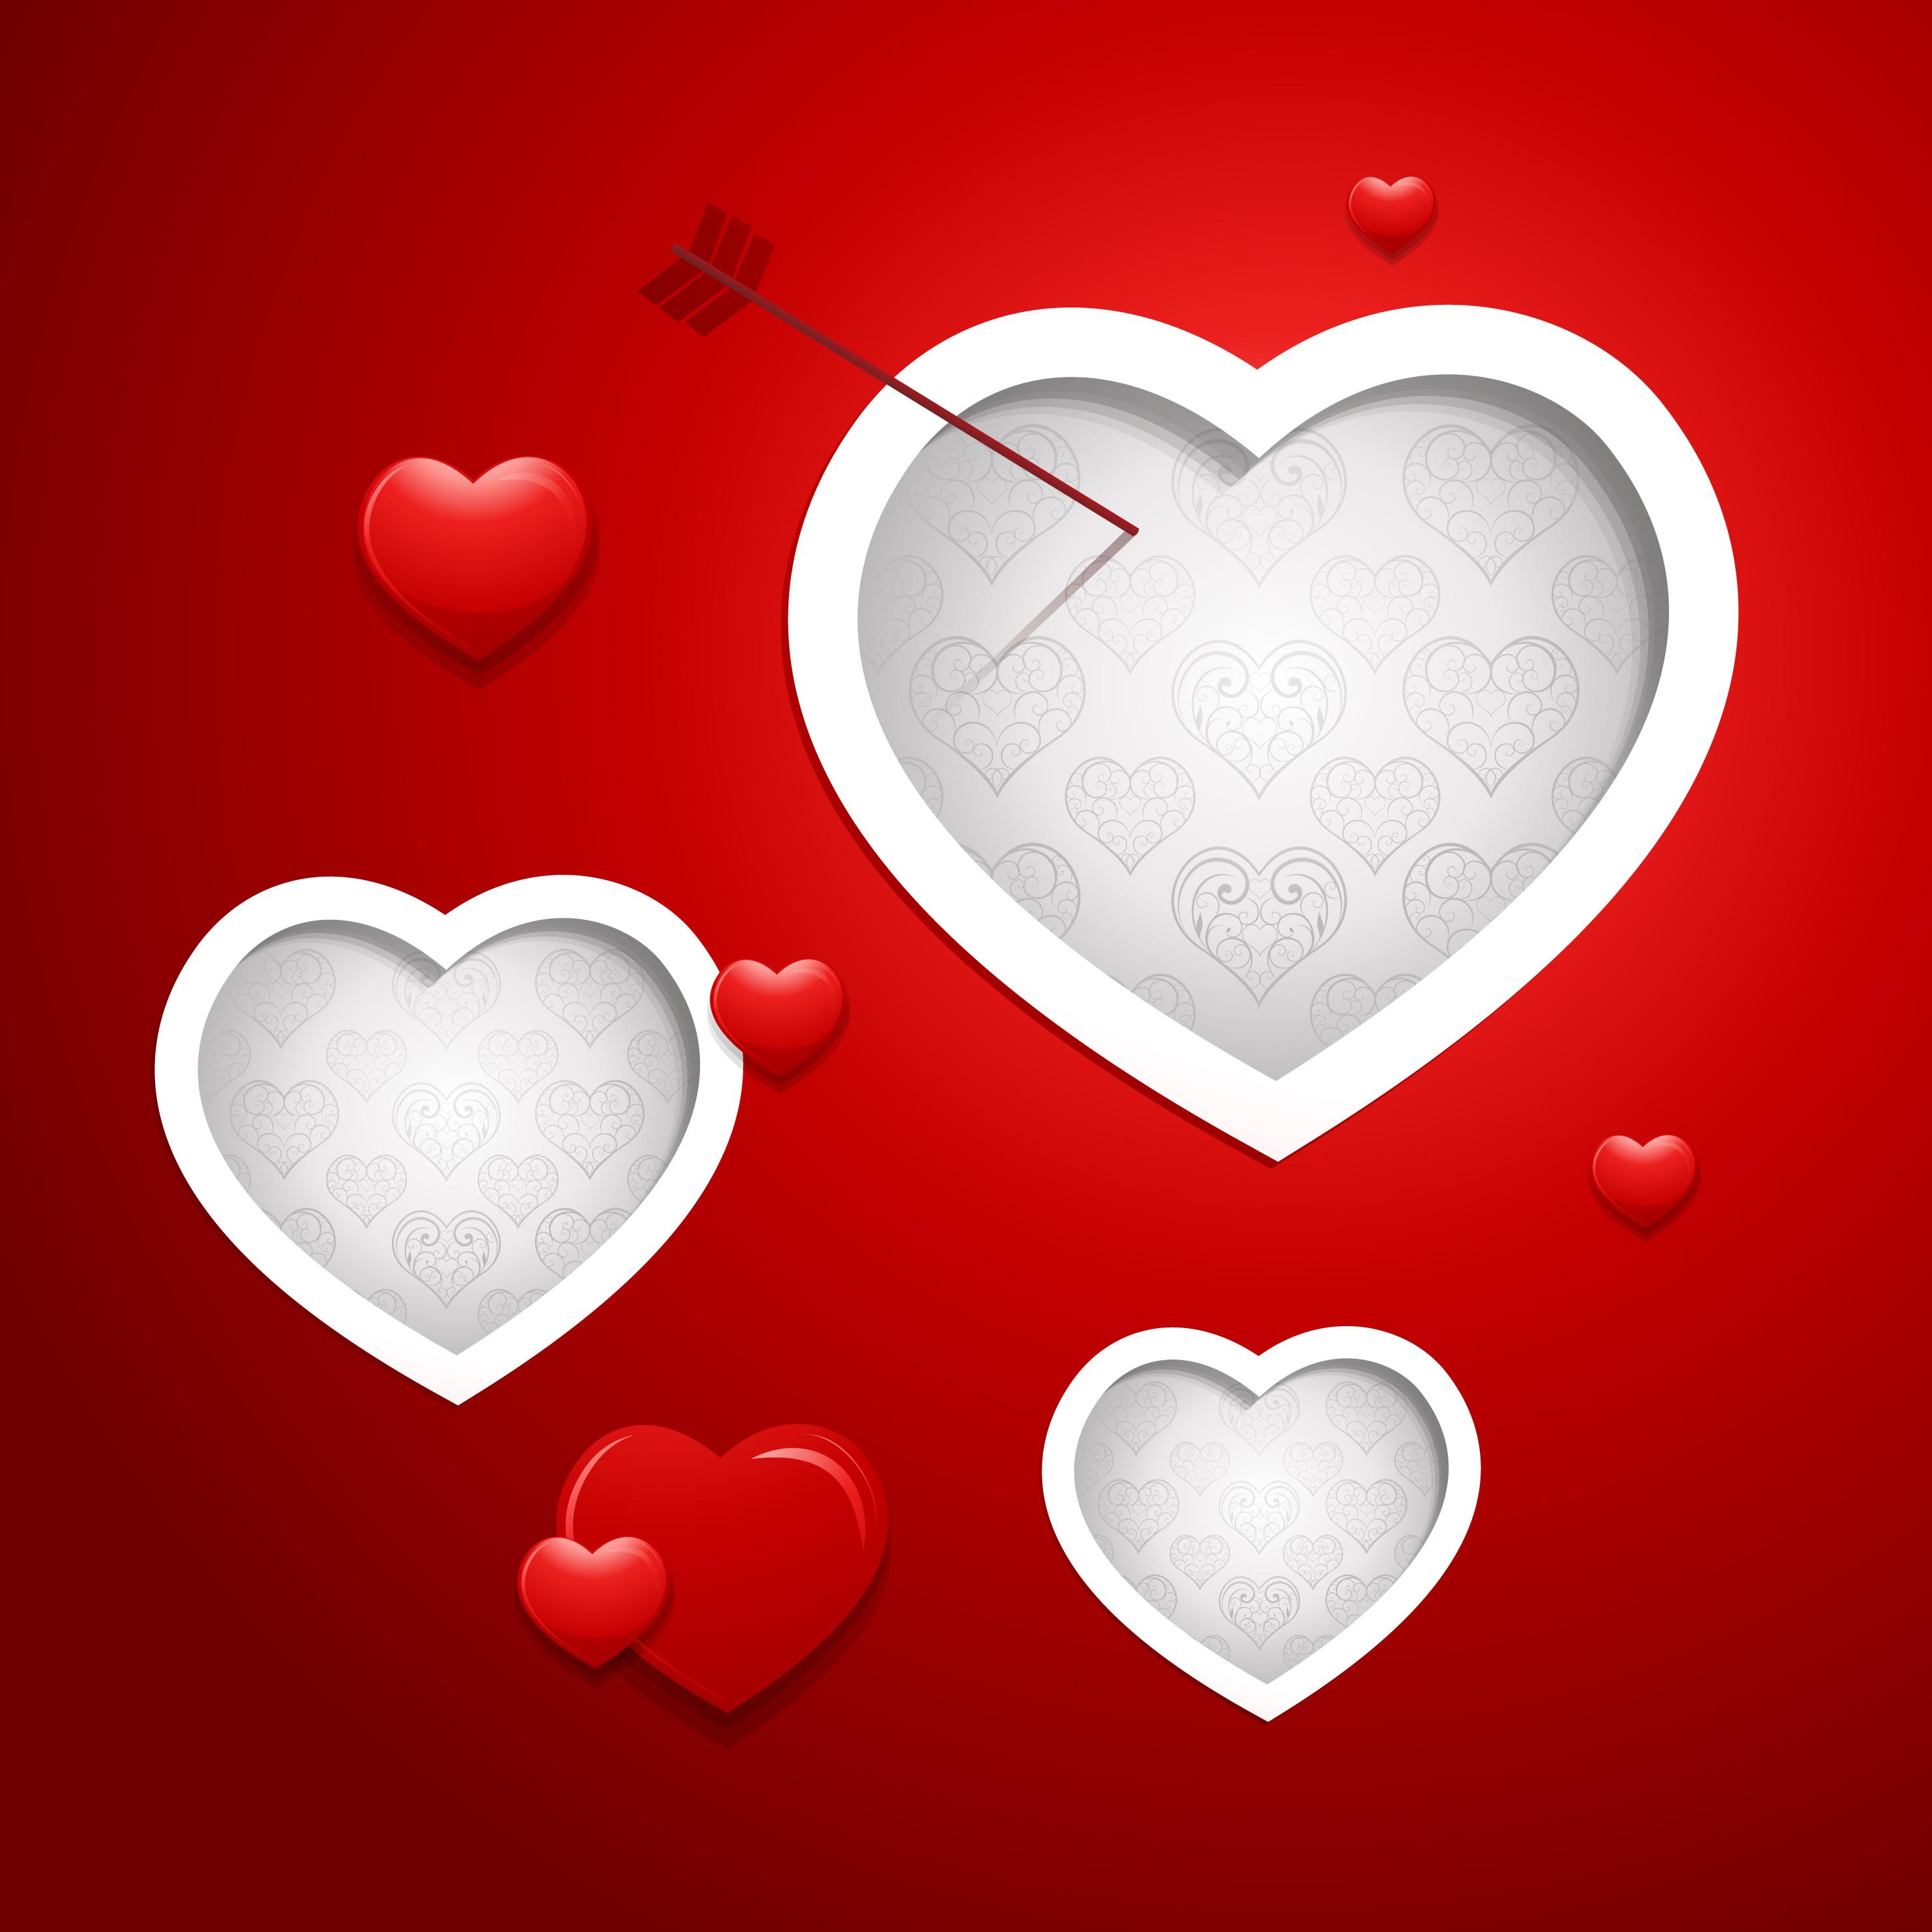 ein romantisches herz rot im hintergrund romantisch. Black Bedroom Furniture Sets. Home Design Ideas